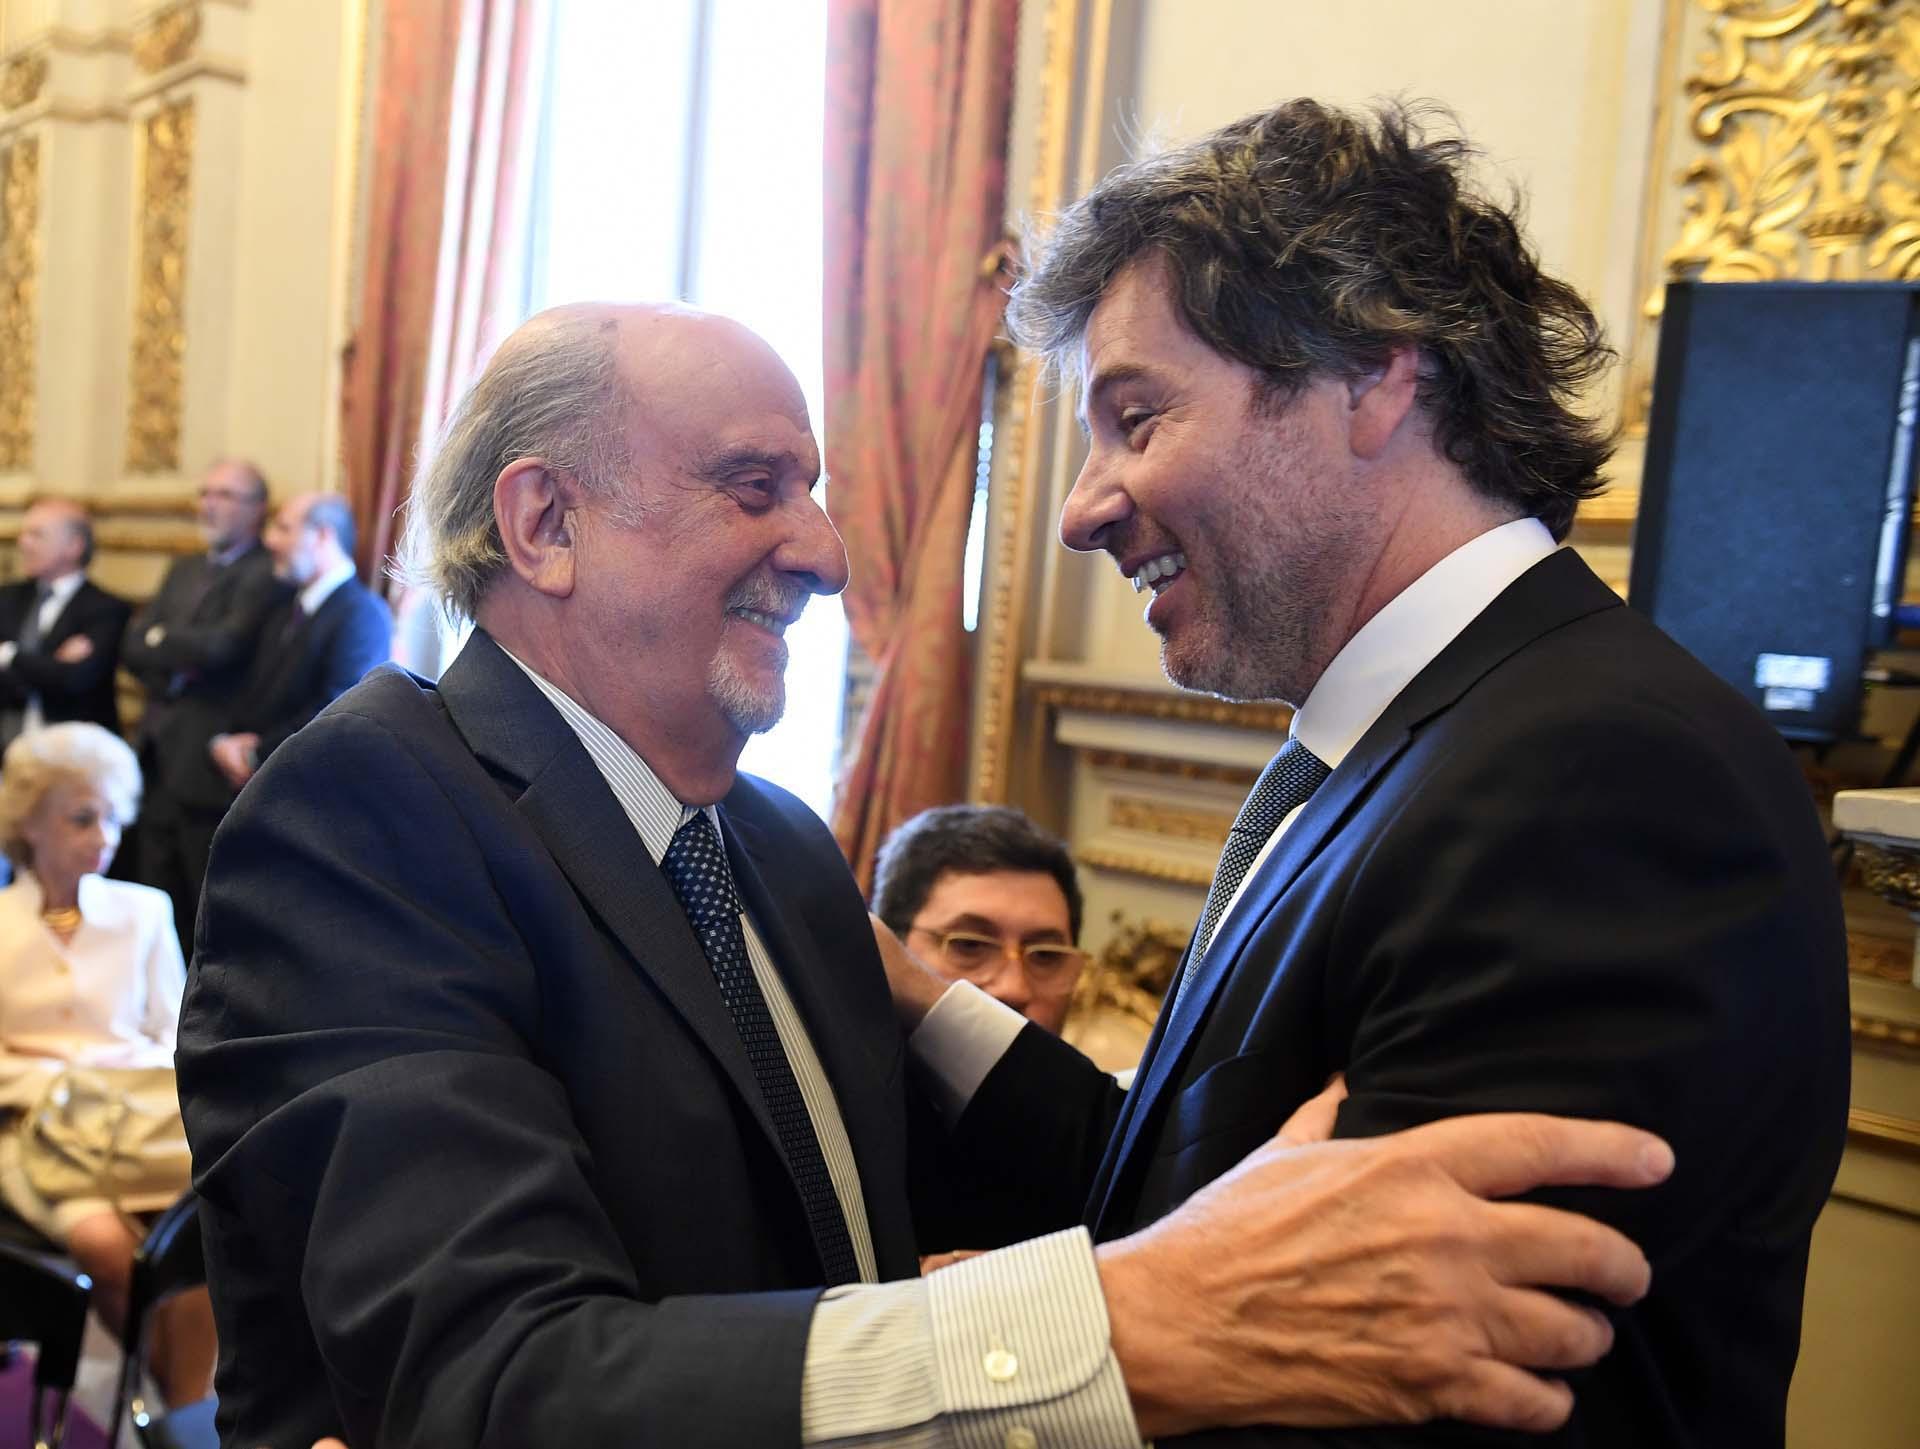 El juez y presidente del Consejo de la Magistratura Ricardo Recondo saluda a Juan Mahiques.